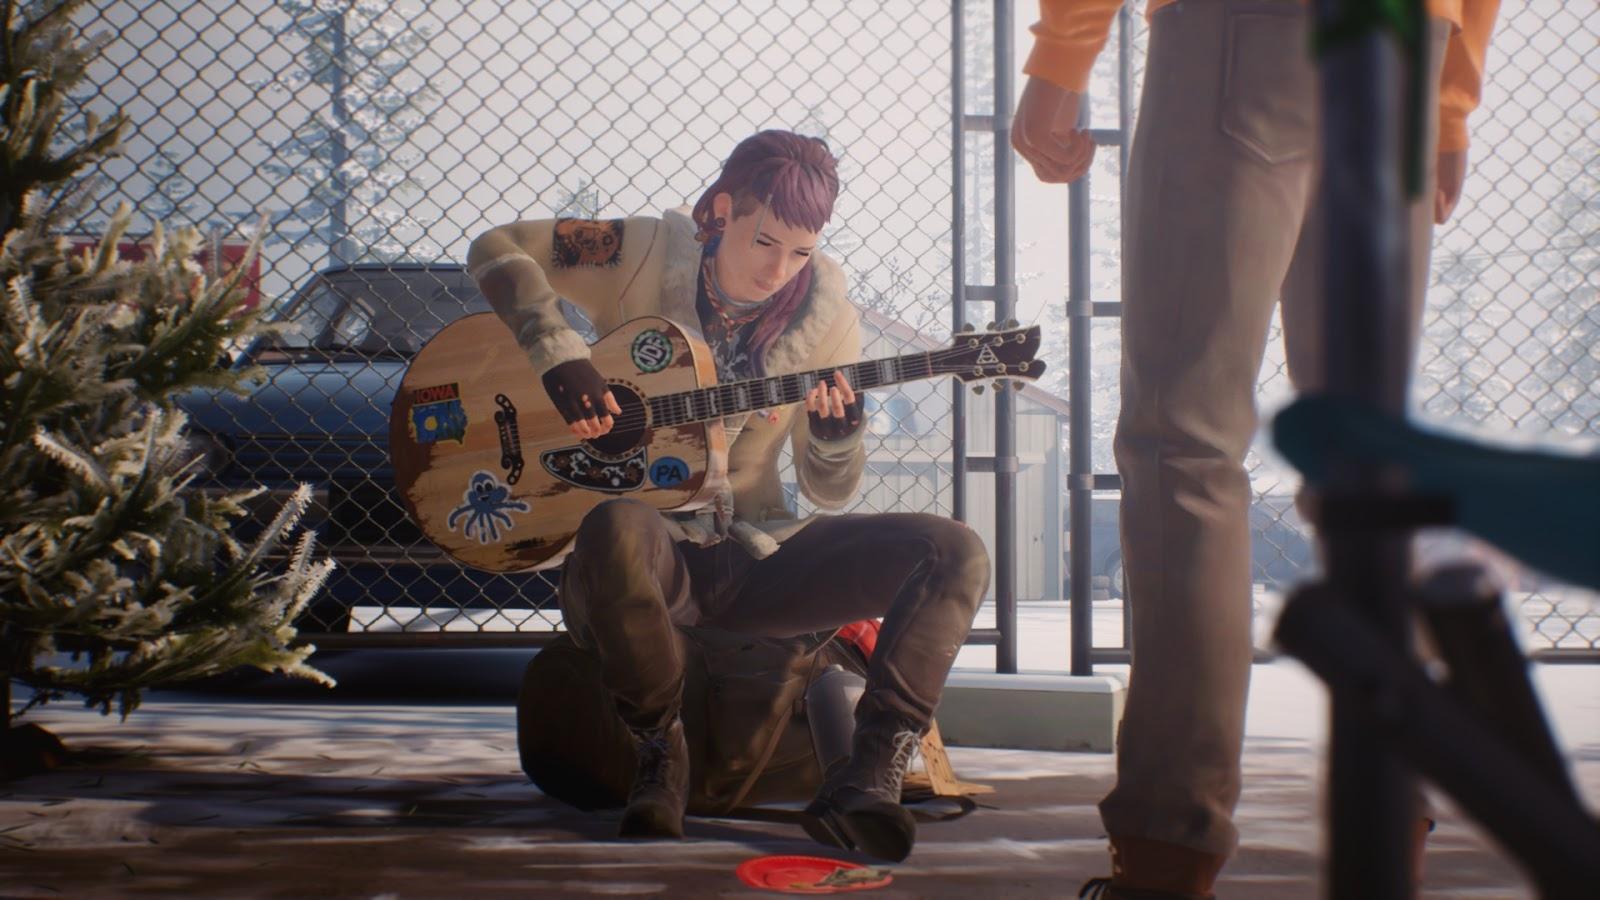 Cassidy gitározok és énekel; Sean élvezi a produkciót.